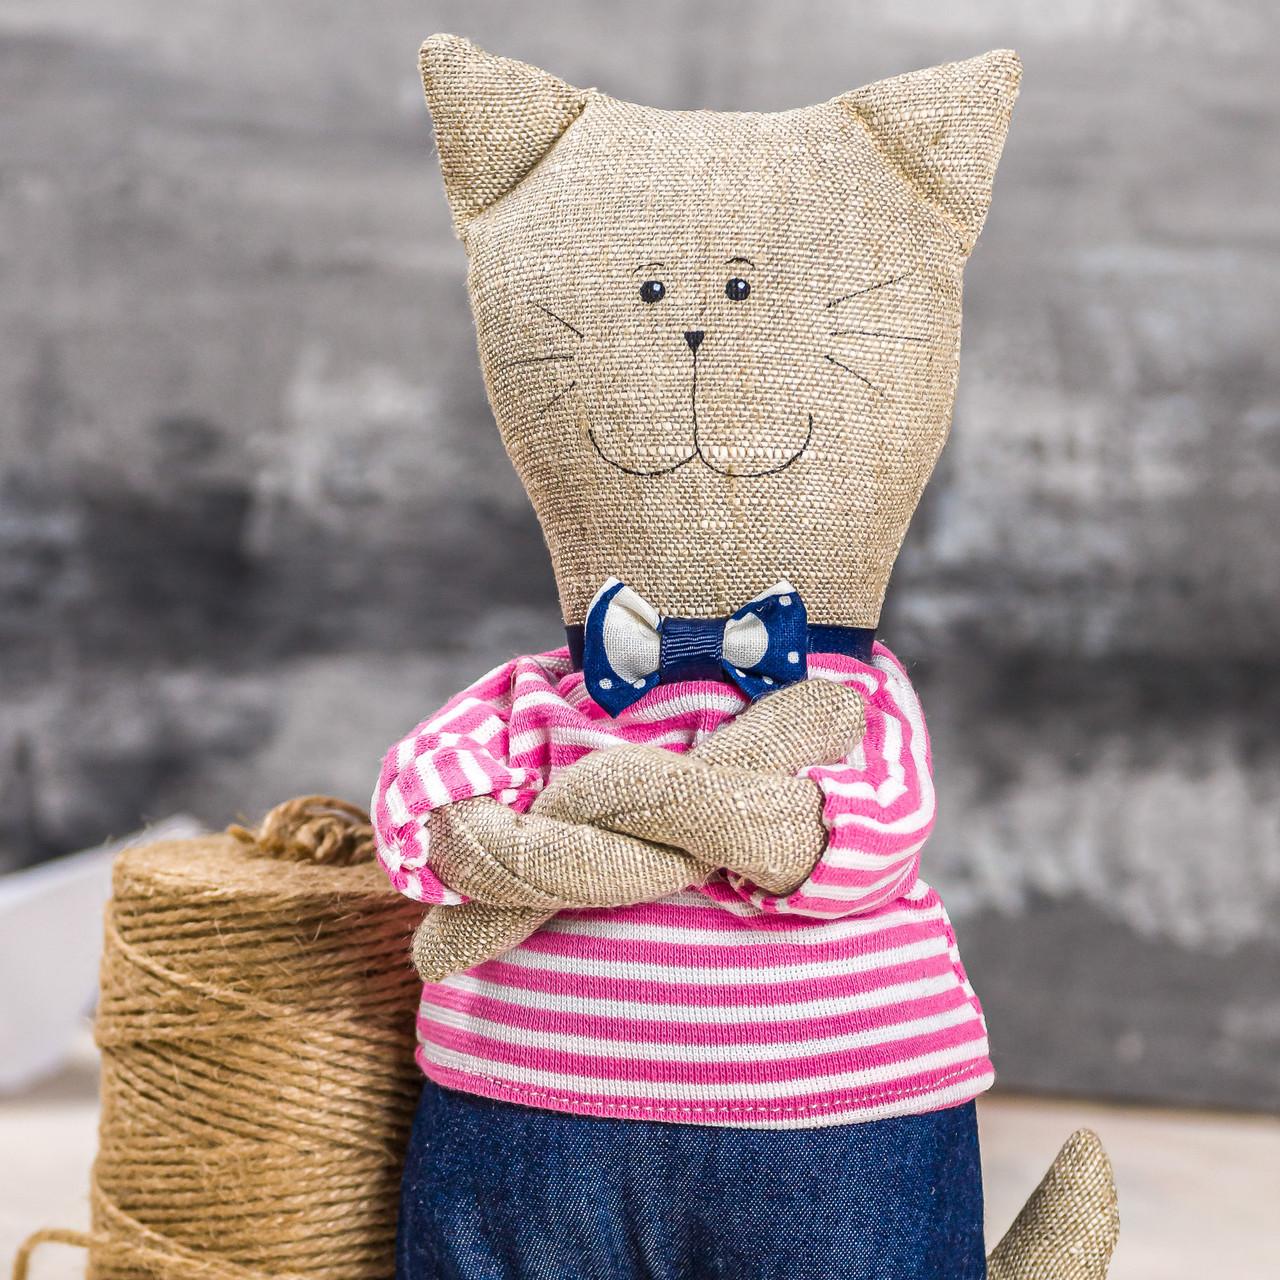 """Мягкая игрушка ручная работа лен кот высота: 28 см """"звірята-хіпстерята"""" кіт одежда снимается"""